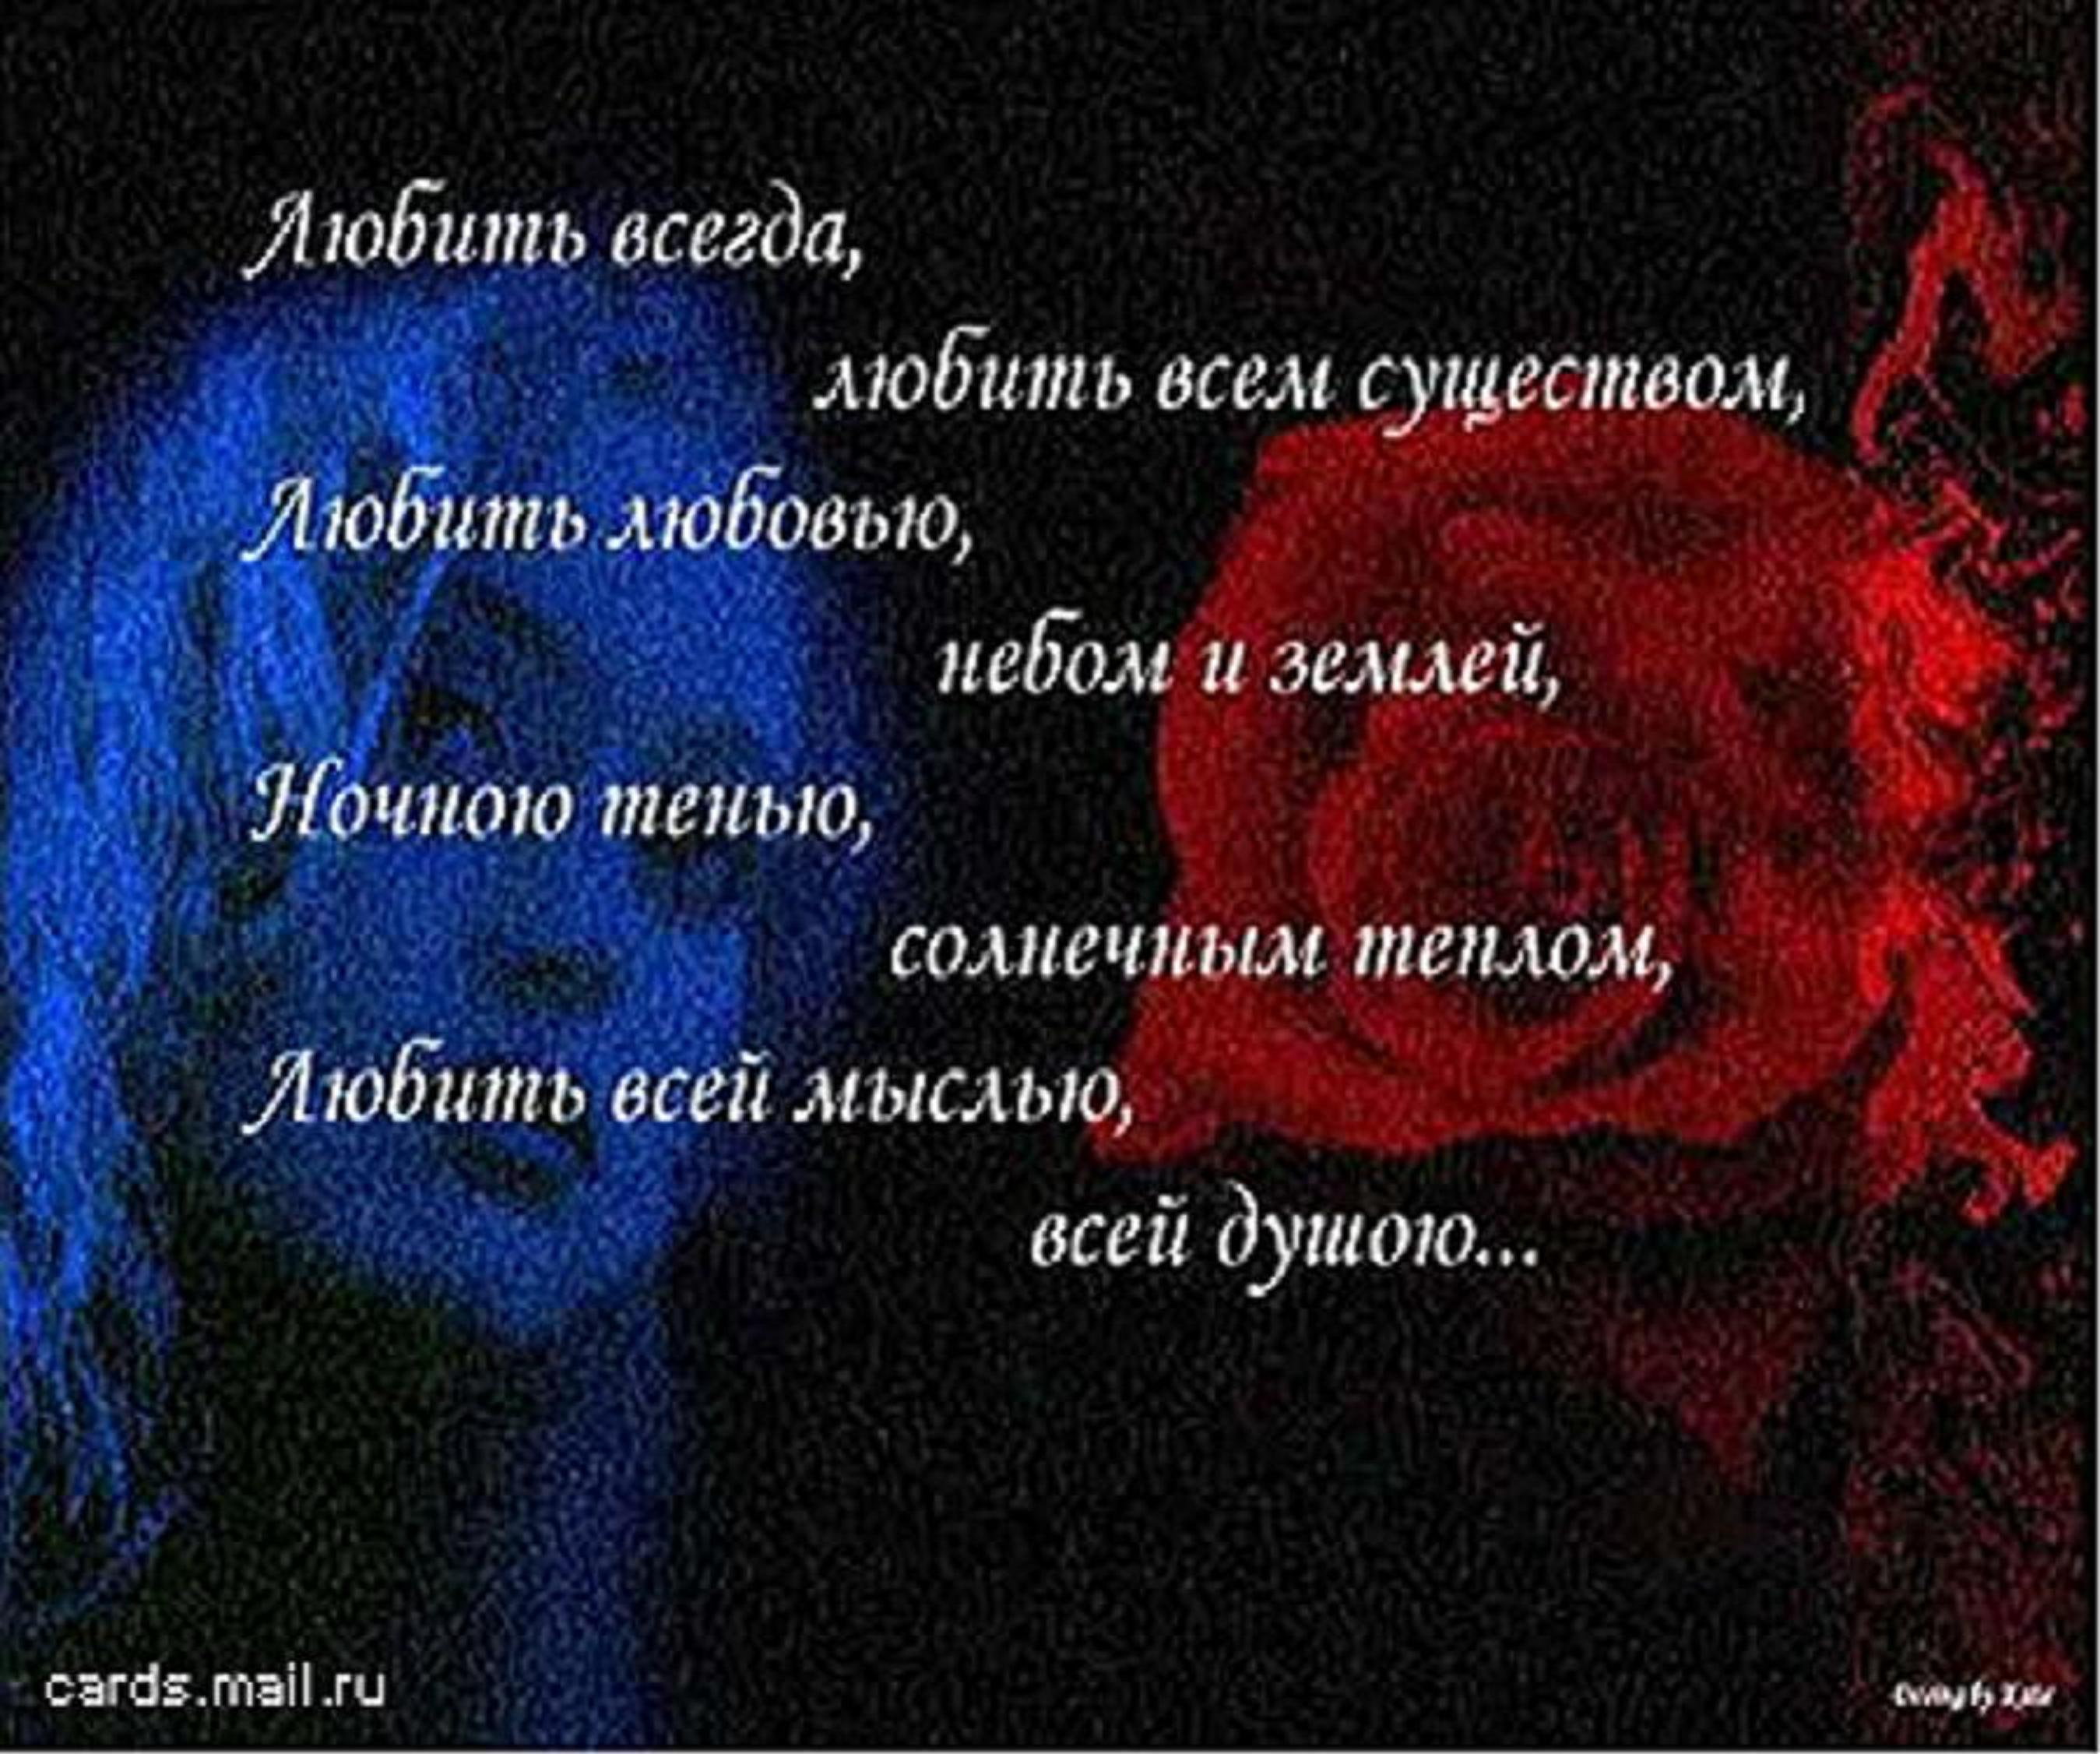 Статусы на турецком языке про любовь с переводом на русский